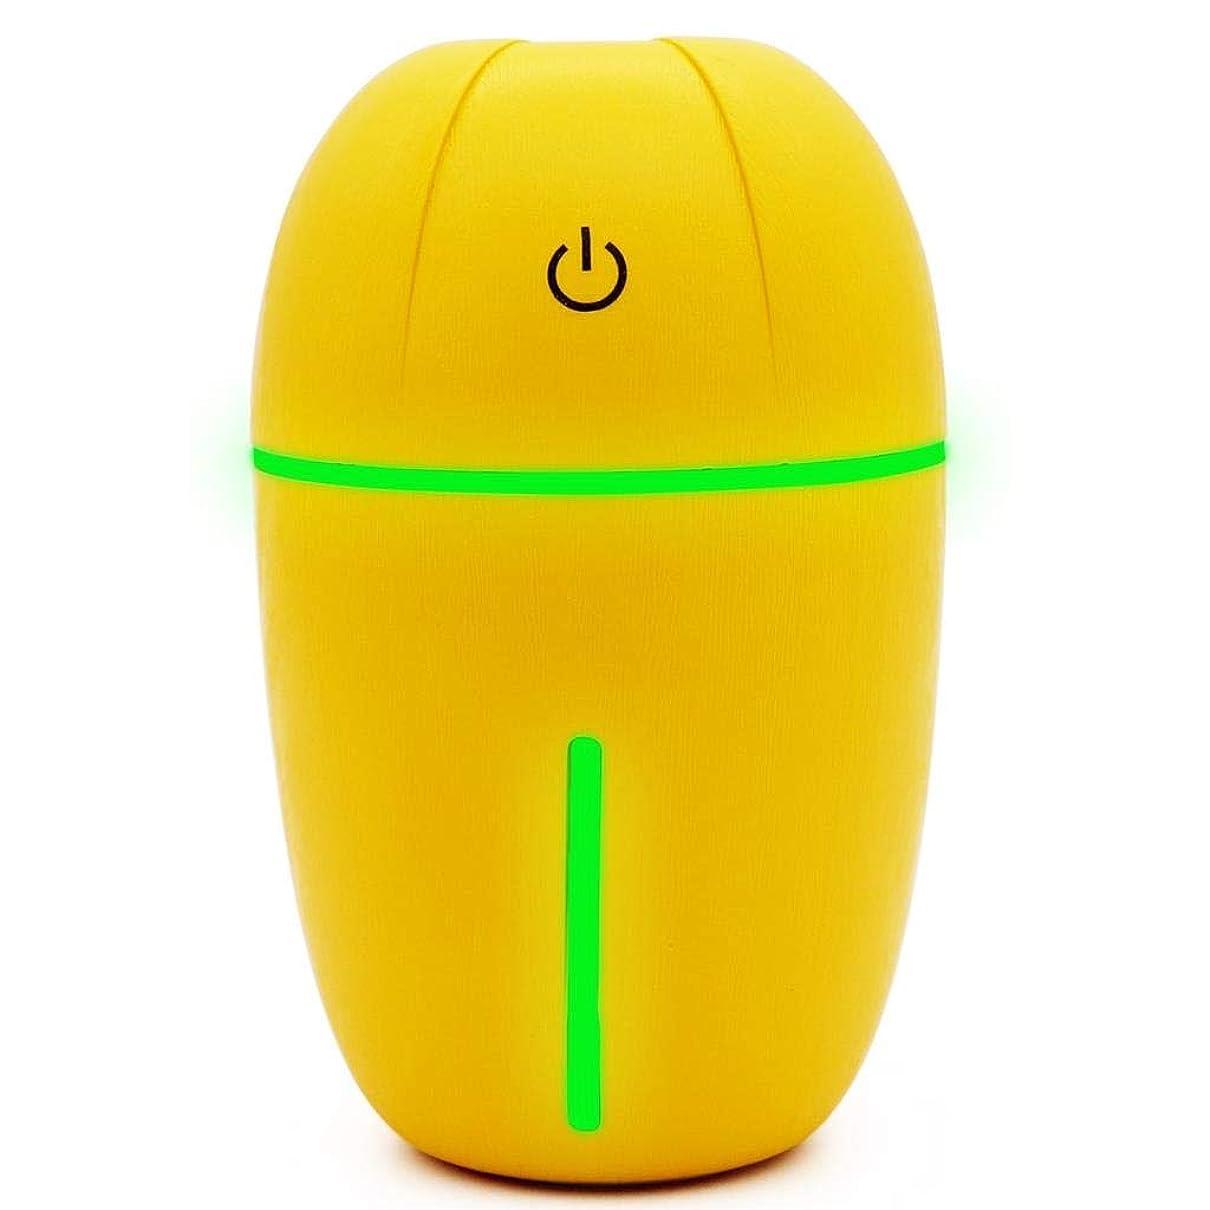 ハムドラム渇き騒音30dB 以下 芳香 拡張器 清涼 薄霧 加湿器 ミスト アロマ フレグランス 癒し リラックス 調光 LED 寝室 (Color : Yellow)